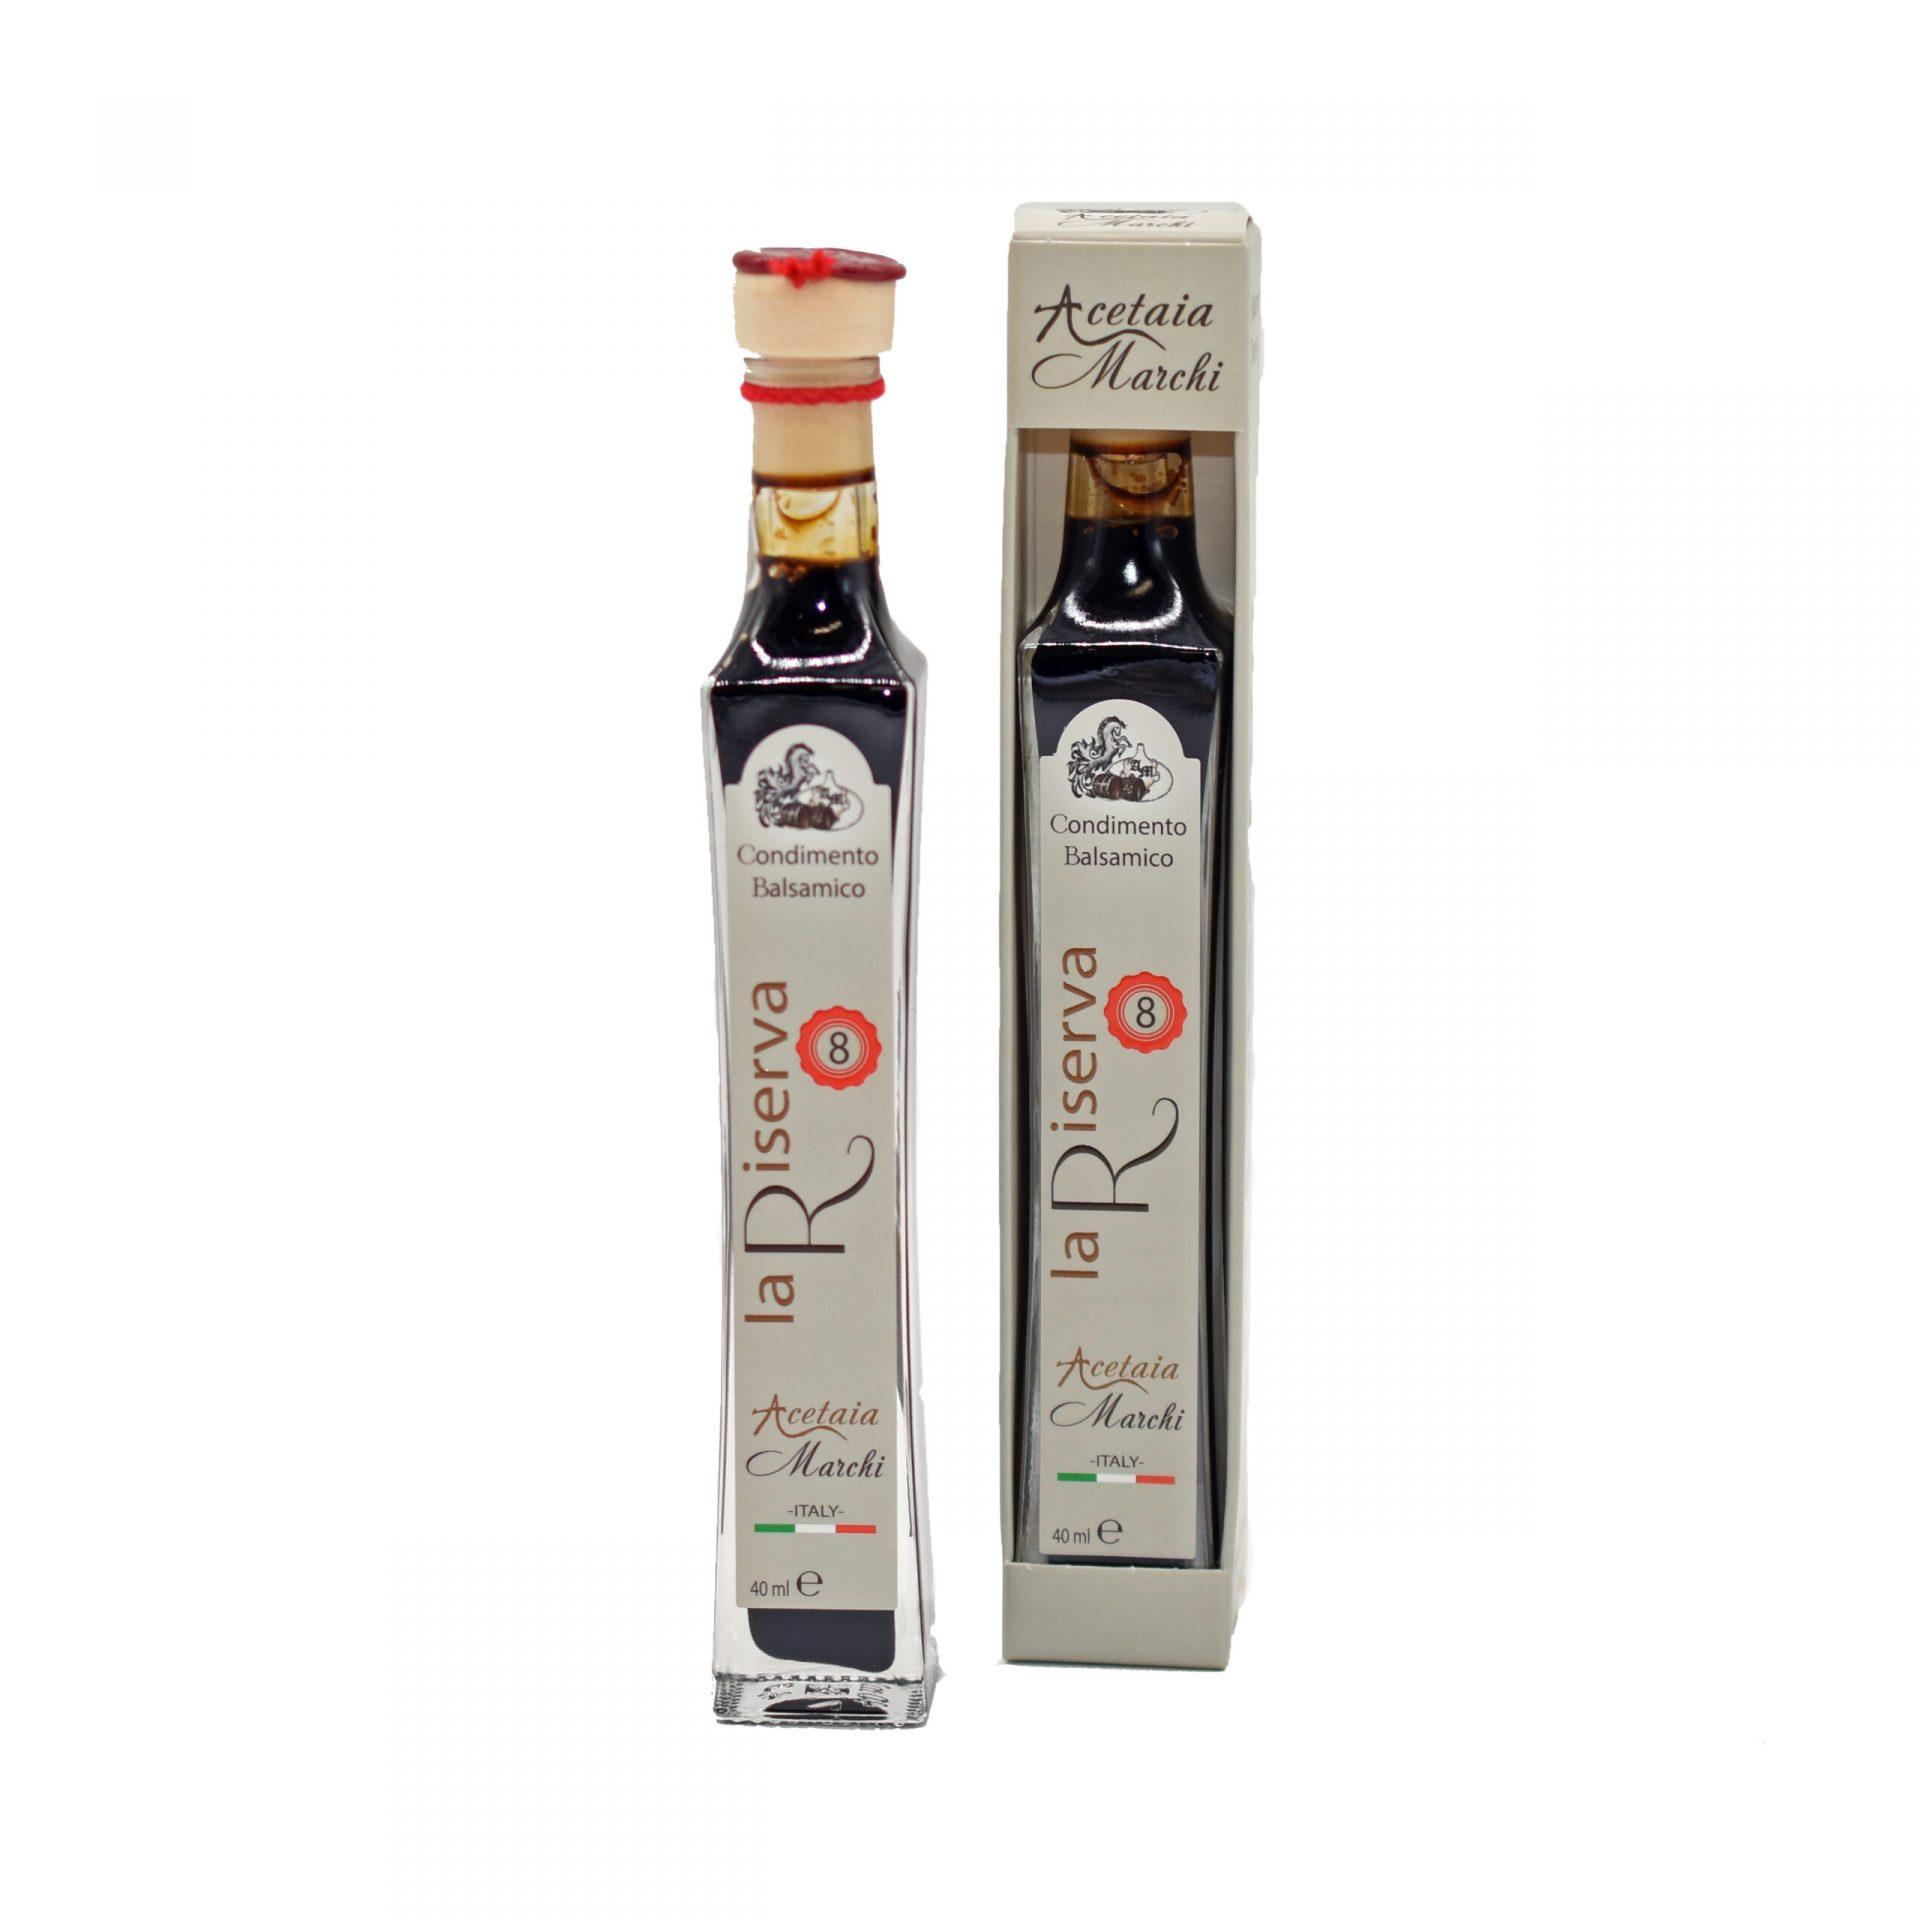 condimento-balsamico-la-riserva-8